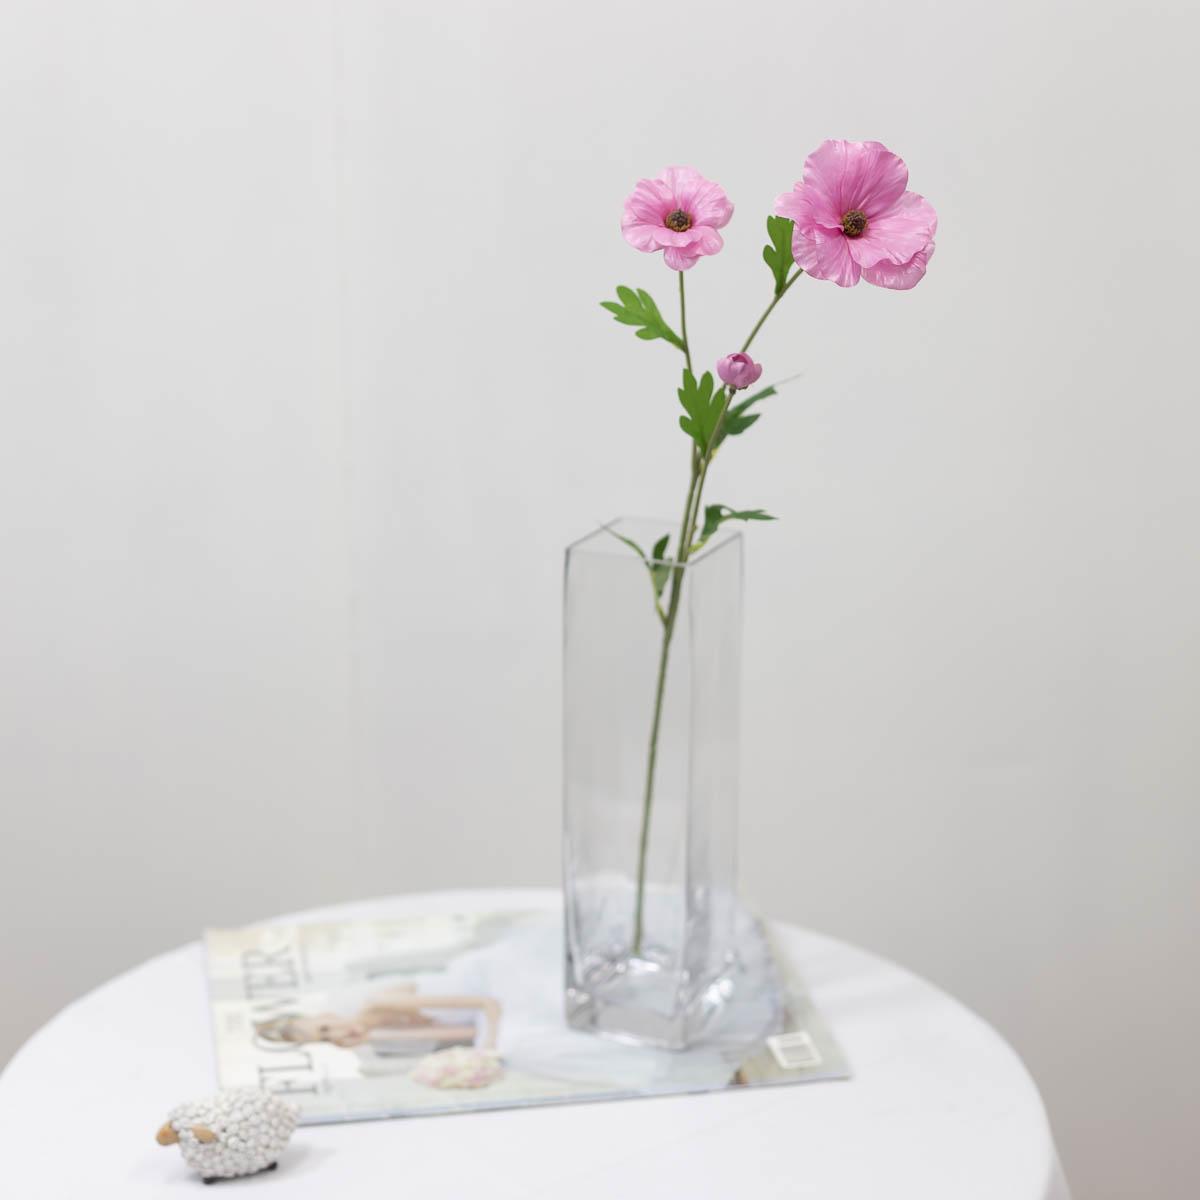 버터플라이 라넌큘러스 꽃 가지 60cm 모우브